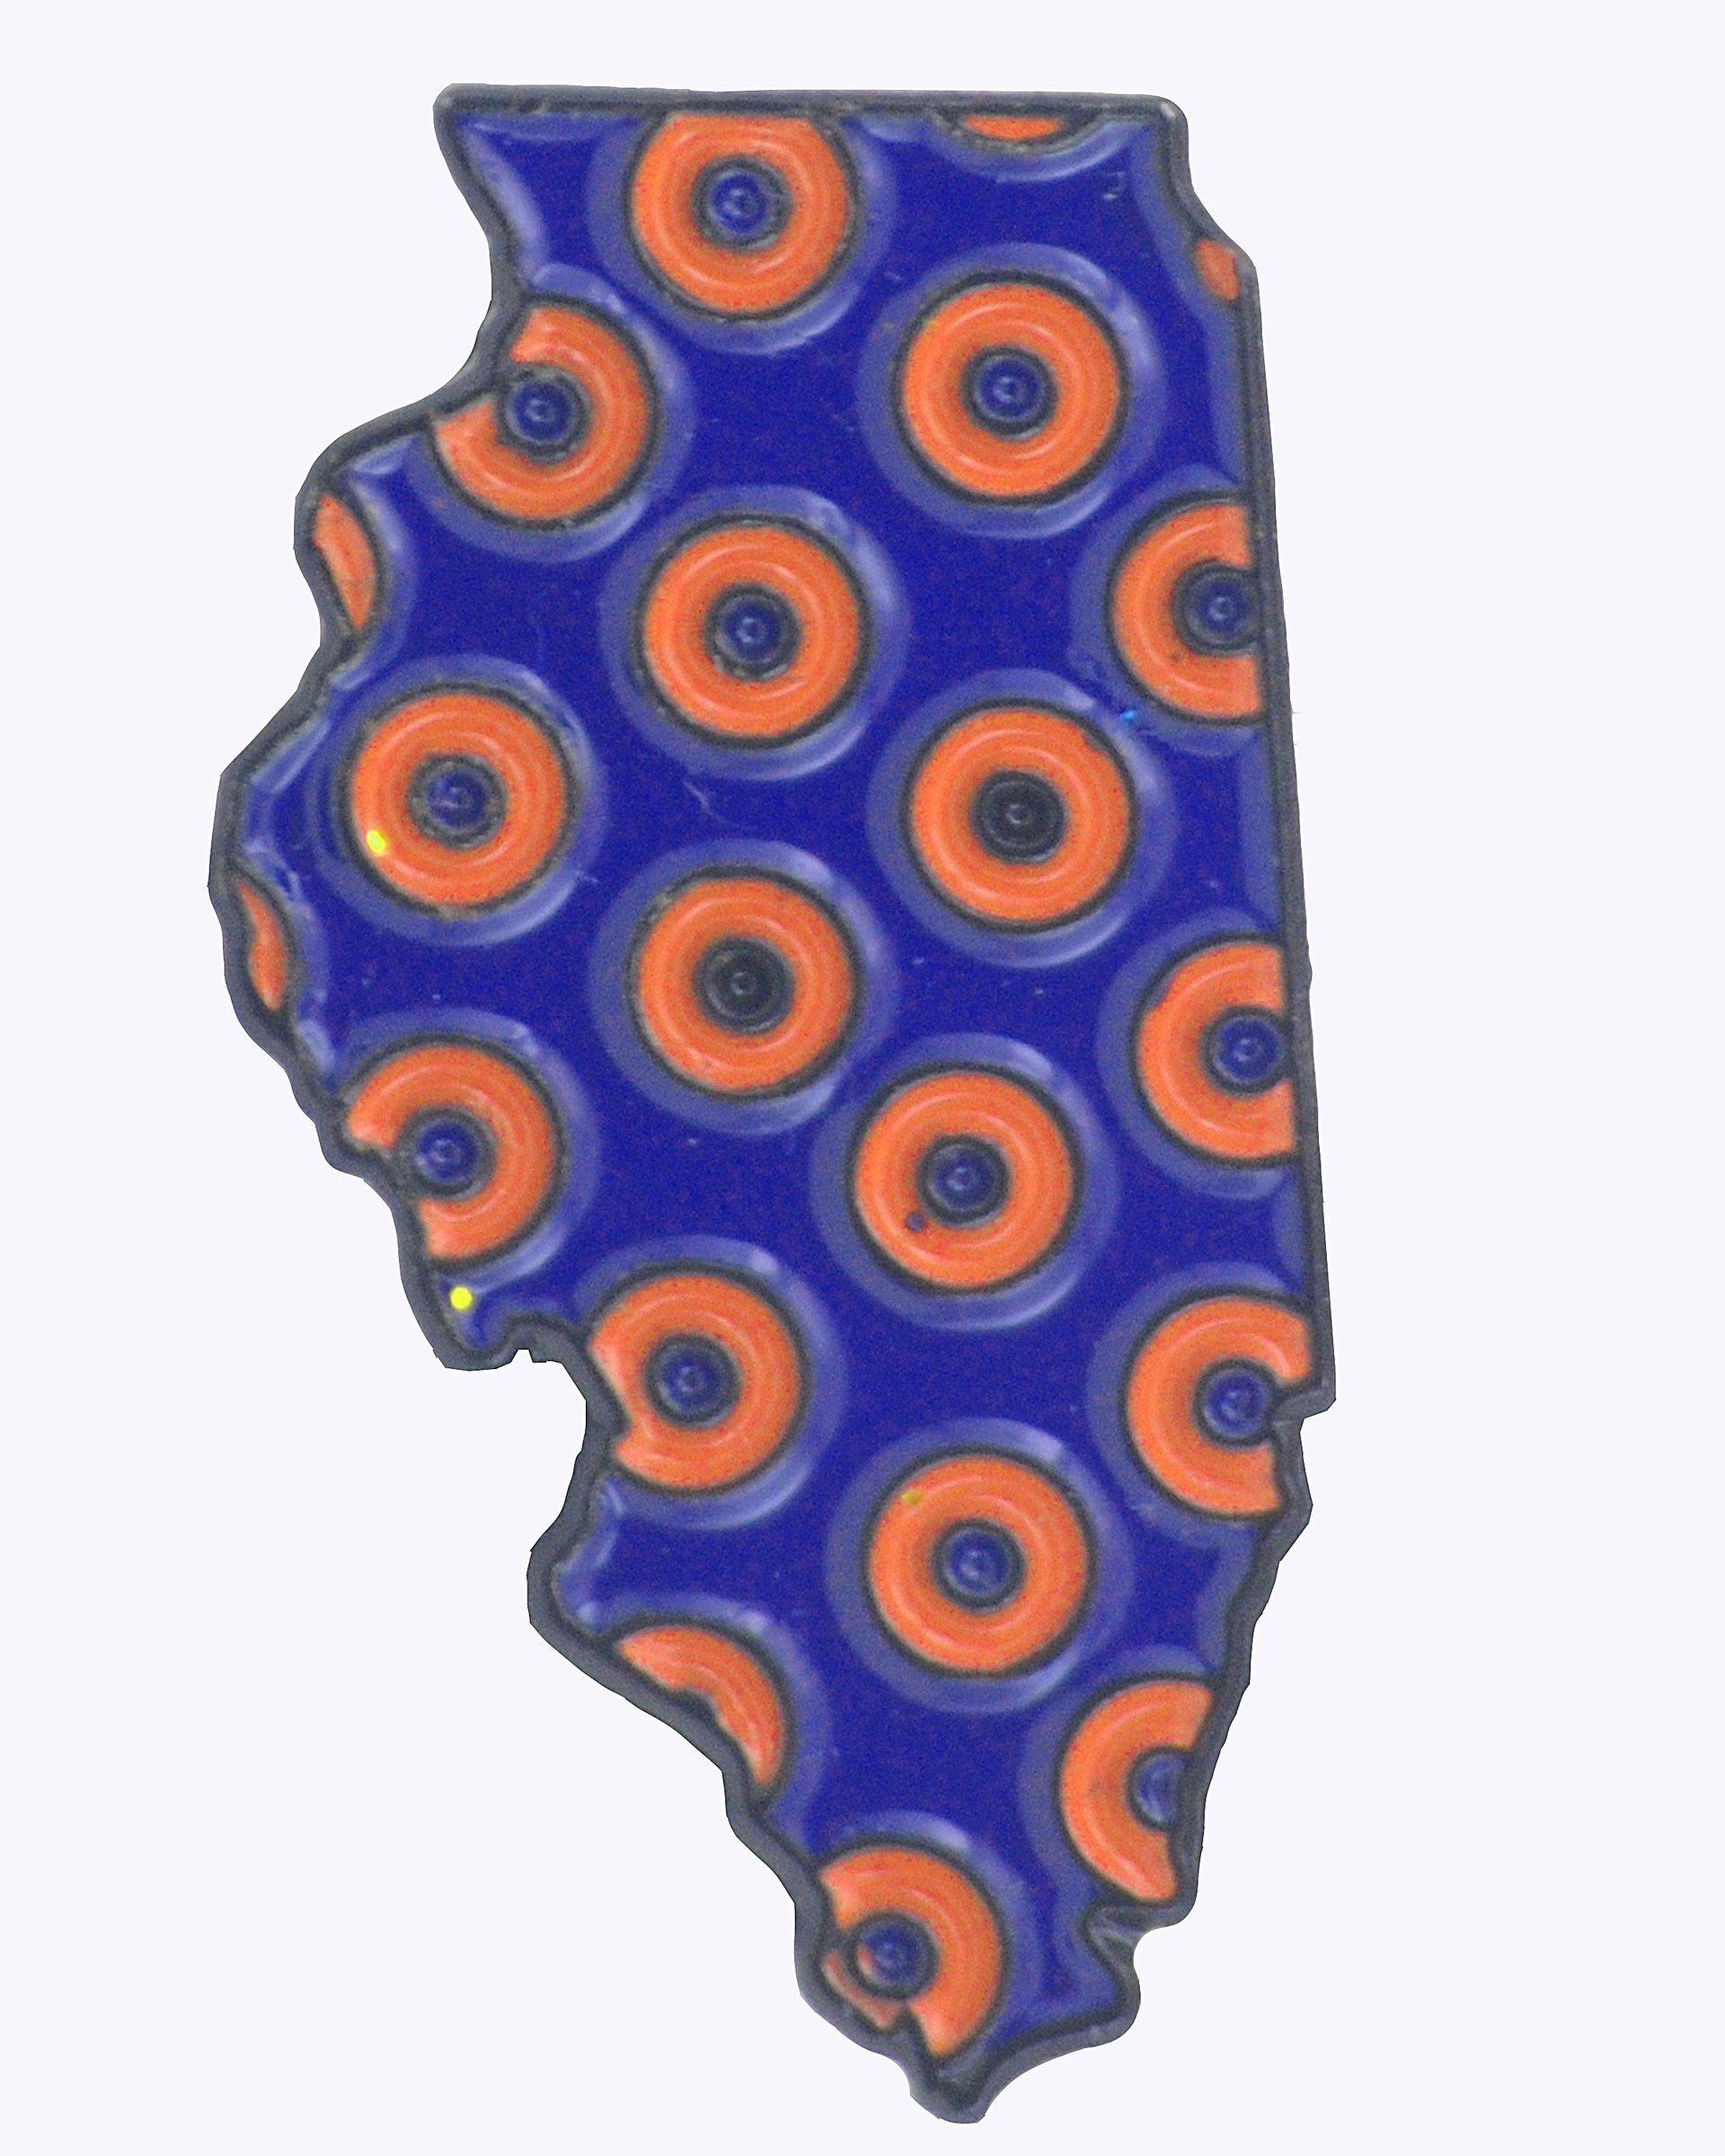 Illinois - Phish - Fishman Donut Pin